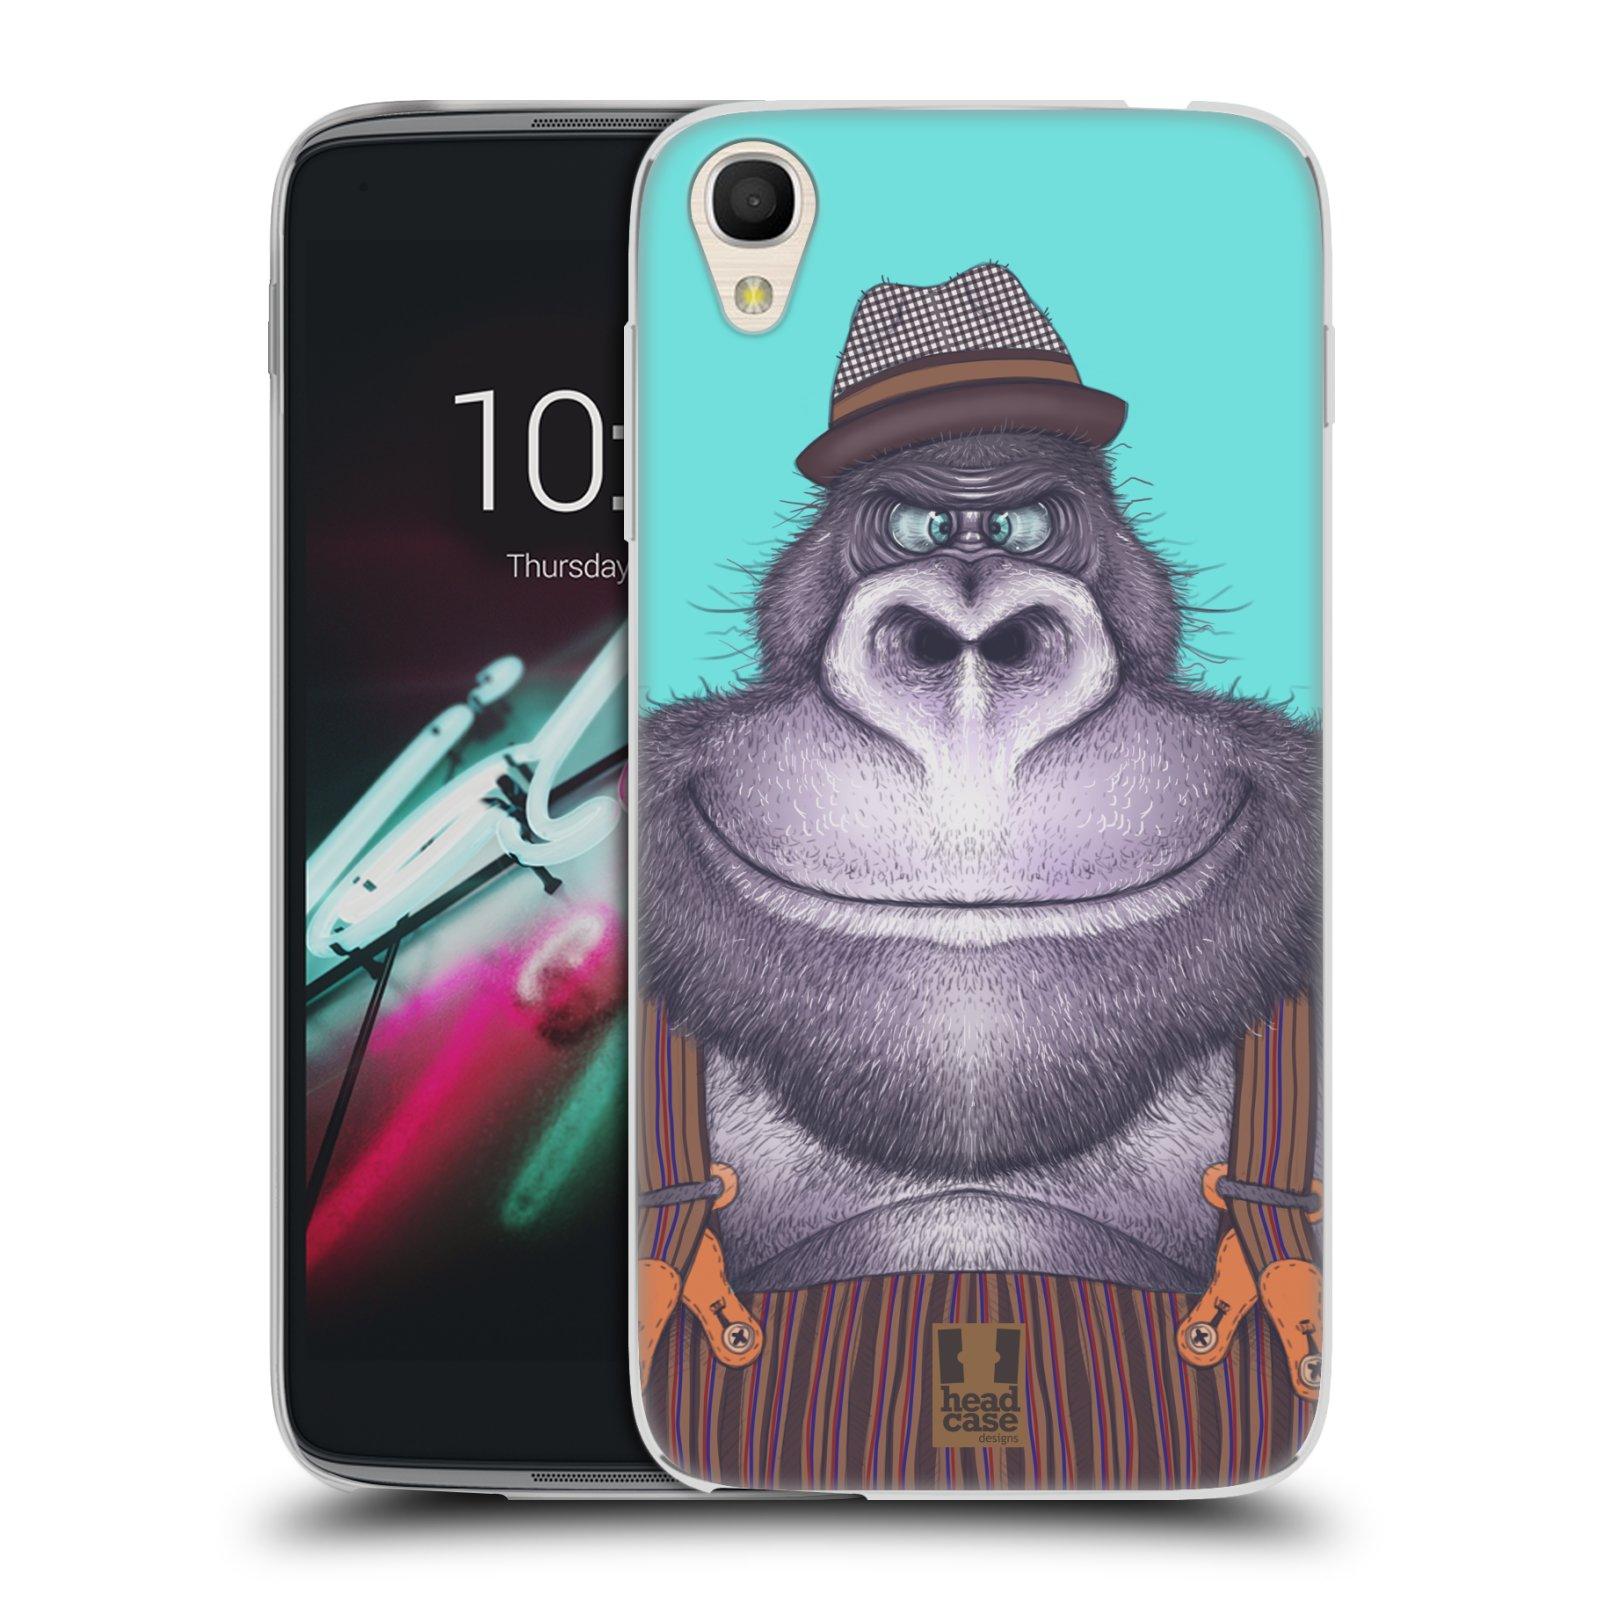 HEAD CASE silikonový obal na mobil Alcatel Idol 3 OT-6039Y (4.7) vzor Kreslená zvířátka gorila